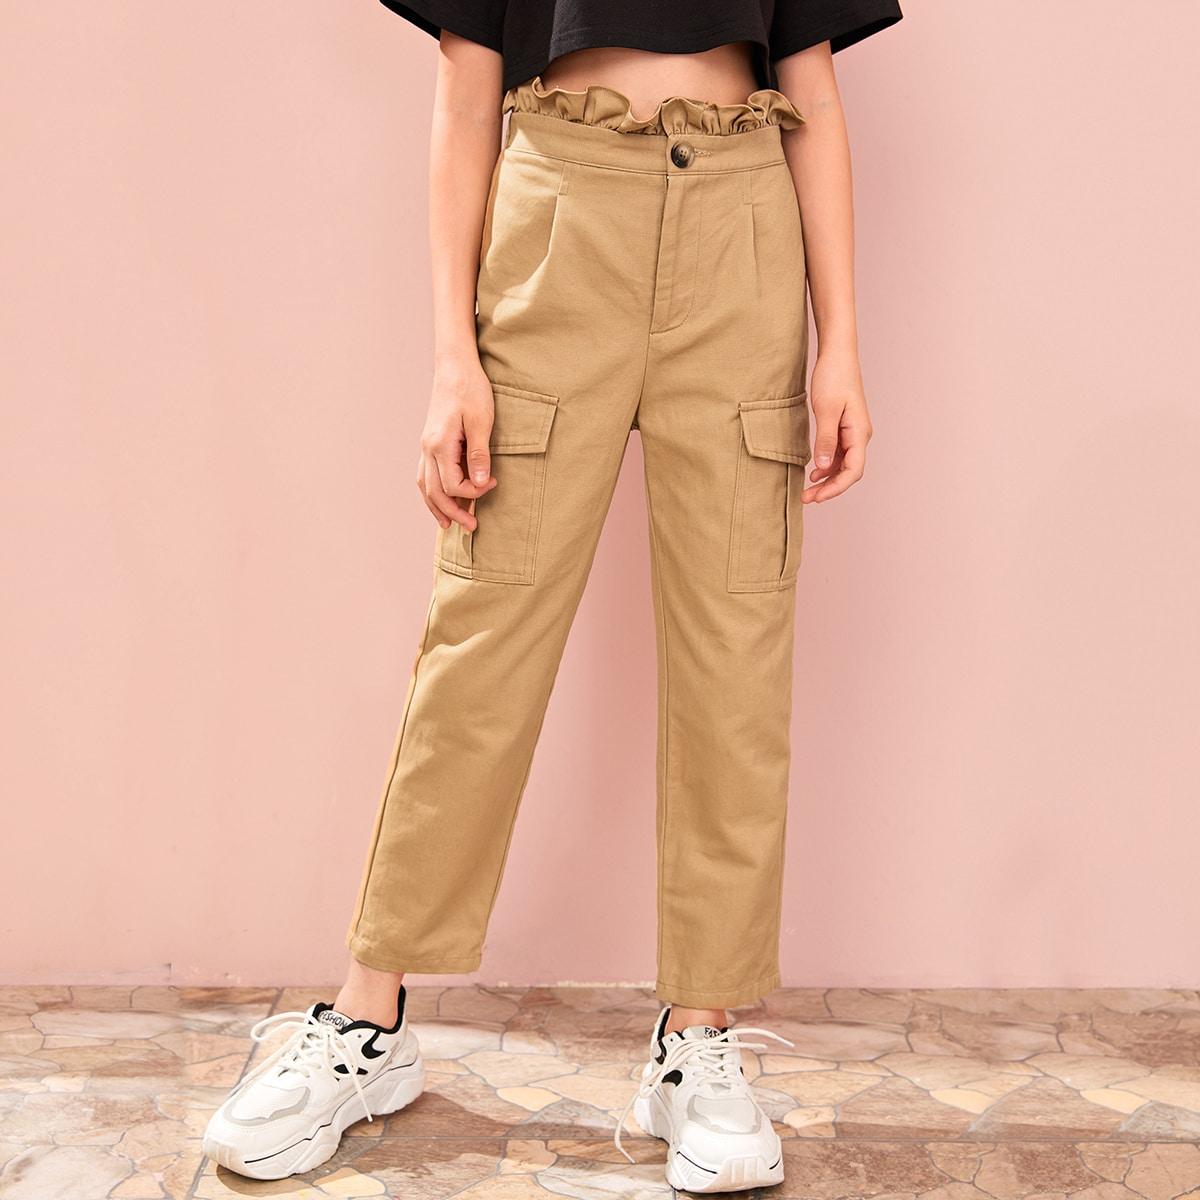 SHEIN / Hose mit Papiertaschen auf Taille und seitlichen Taschen Flicken